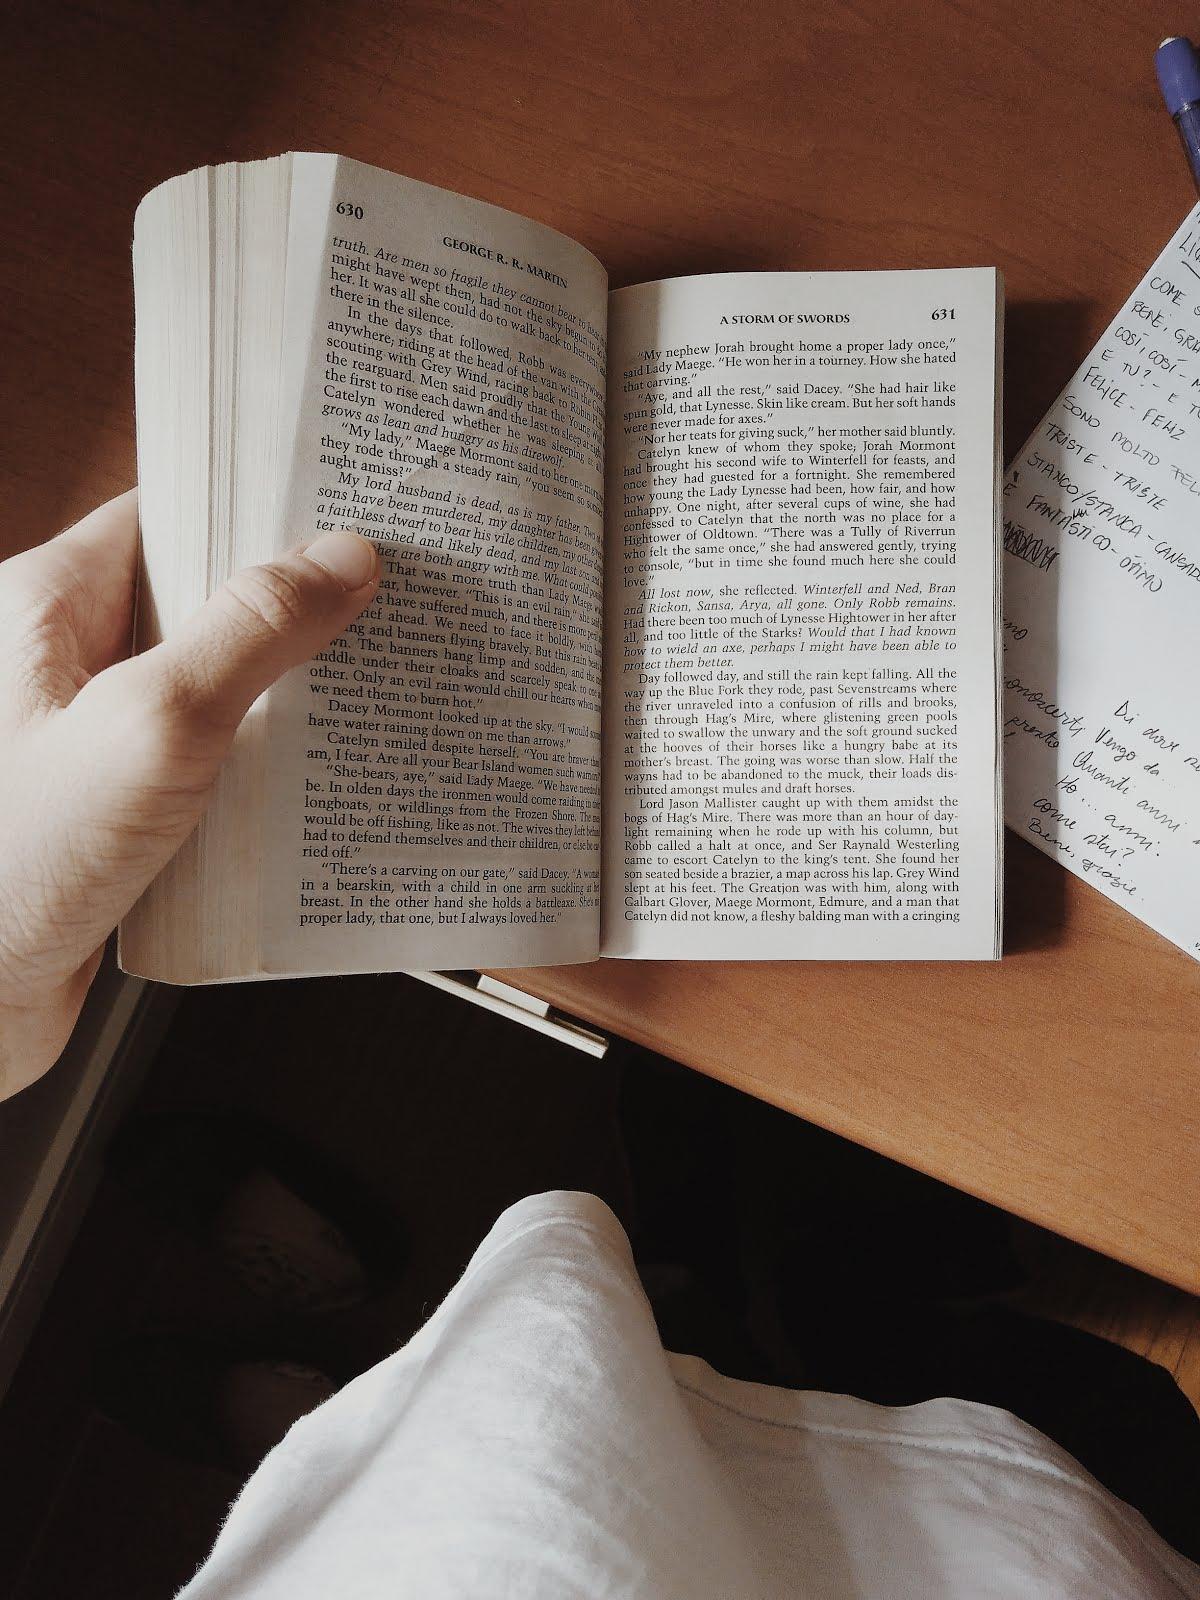 ajude o blog com livros e cafézinhos comprando na amazon pelo link da imagem :)